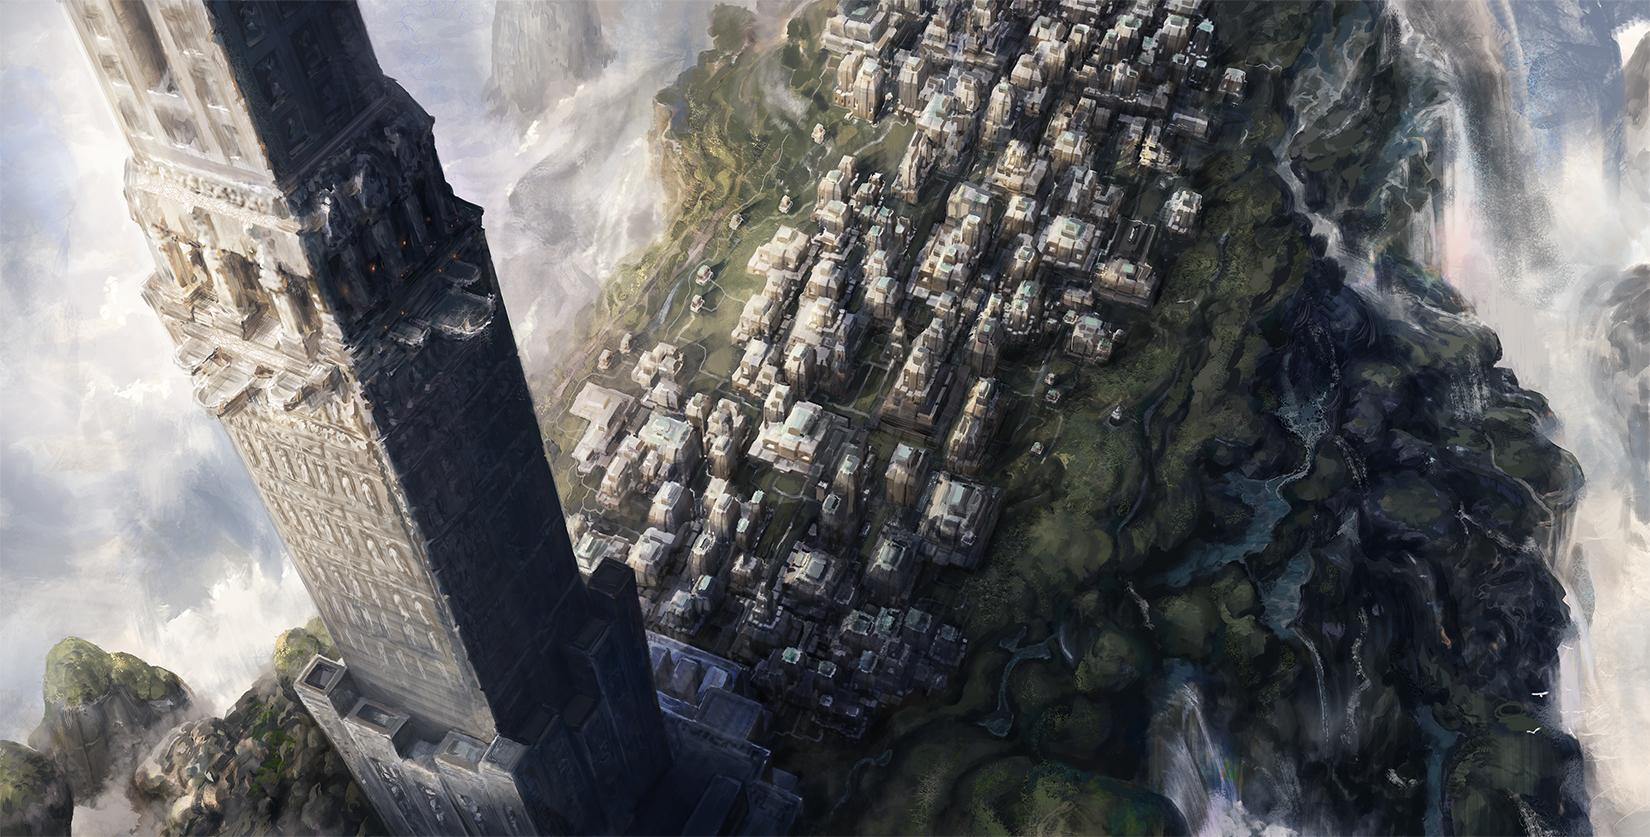 Tower_of_Blue_God_Ryan_Alexander_Lee.jpg